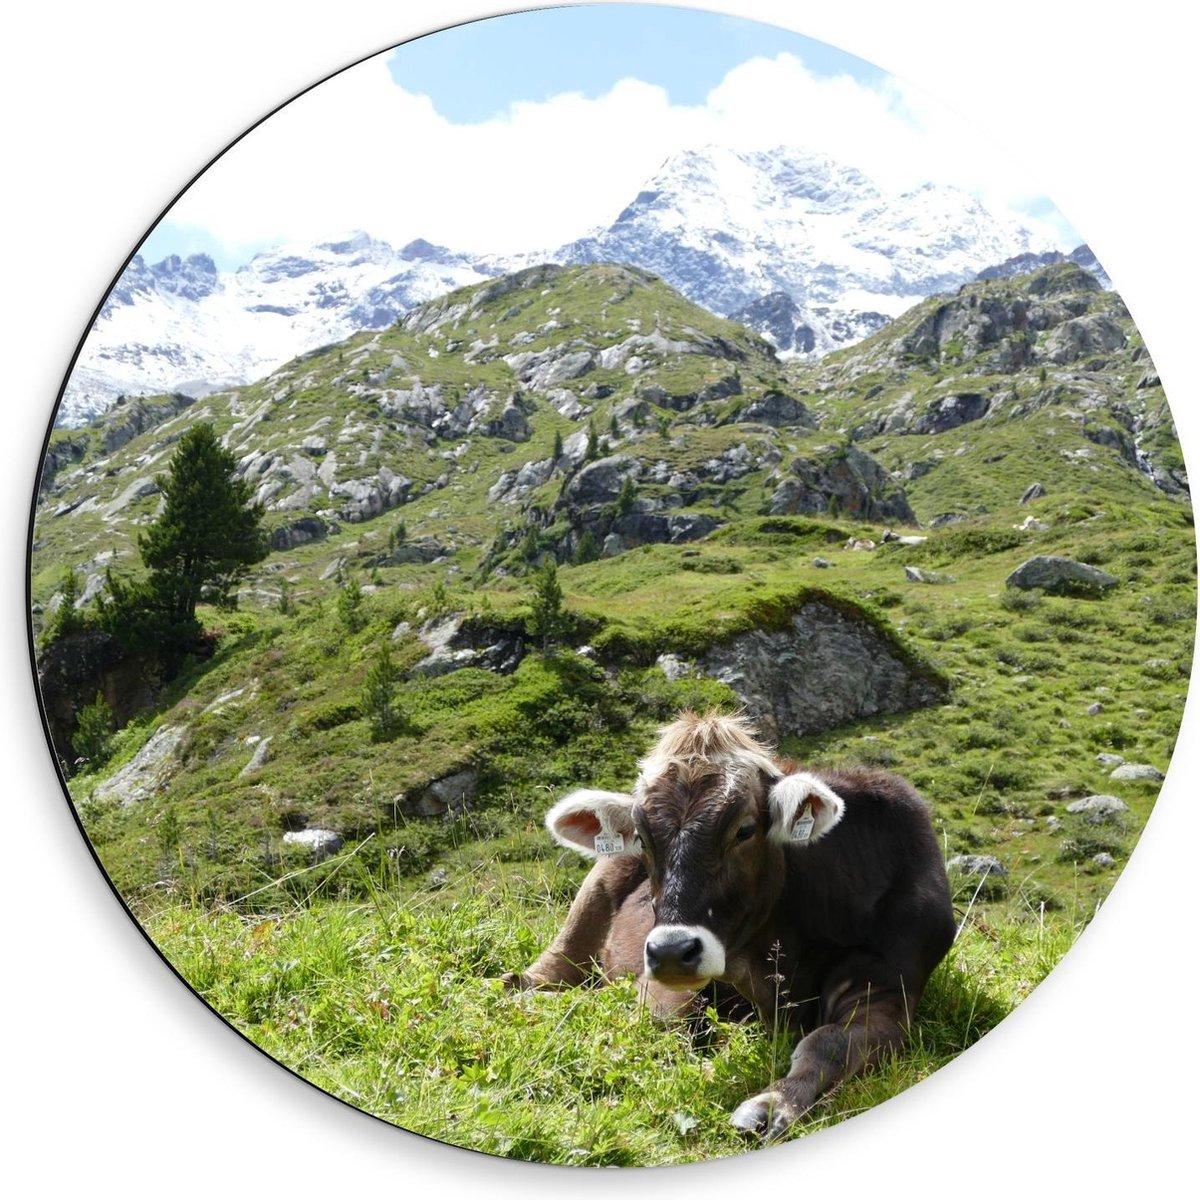 Dibond Wandcirkel - Liggende Koe in de Bergen - 50x50cm Foto op Aluminium Wandcirkel (met ophangsysteem)